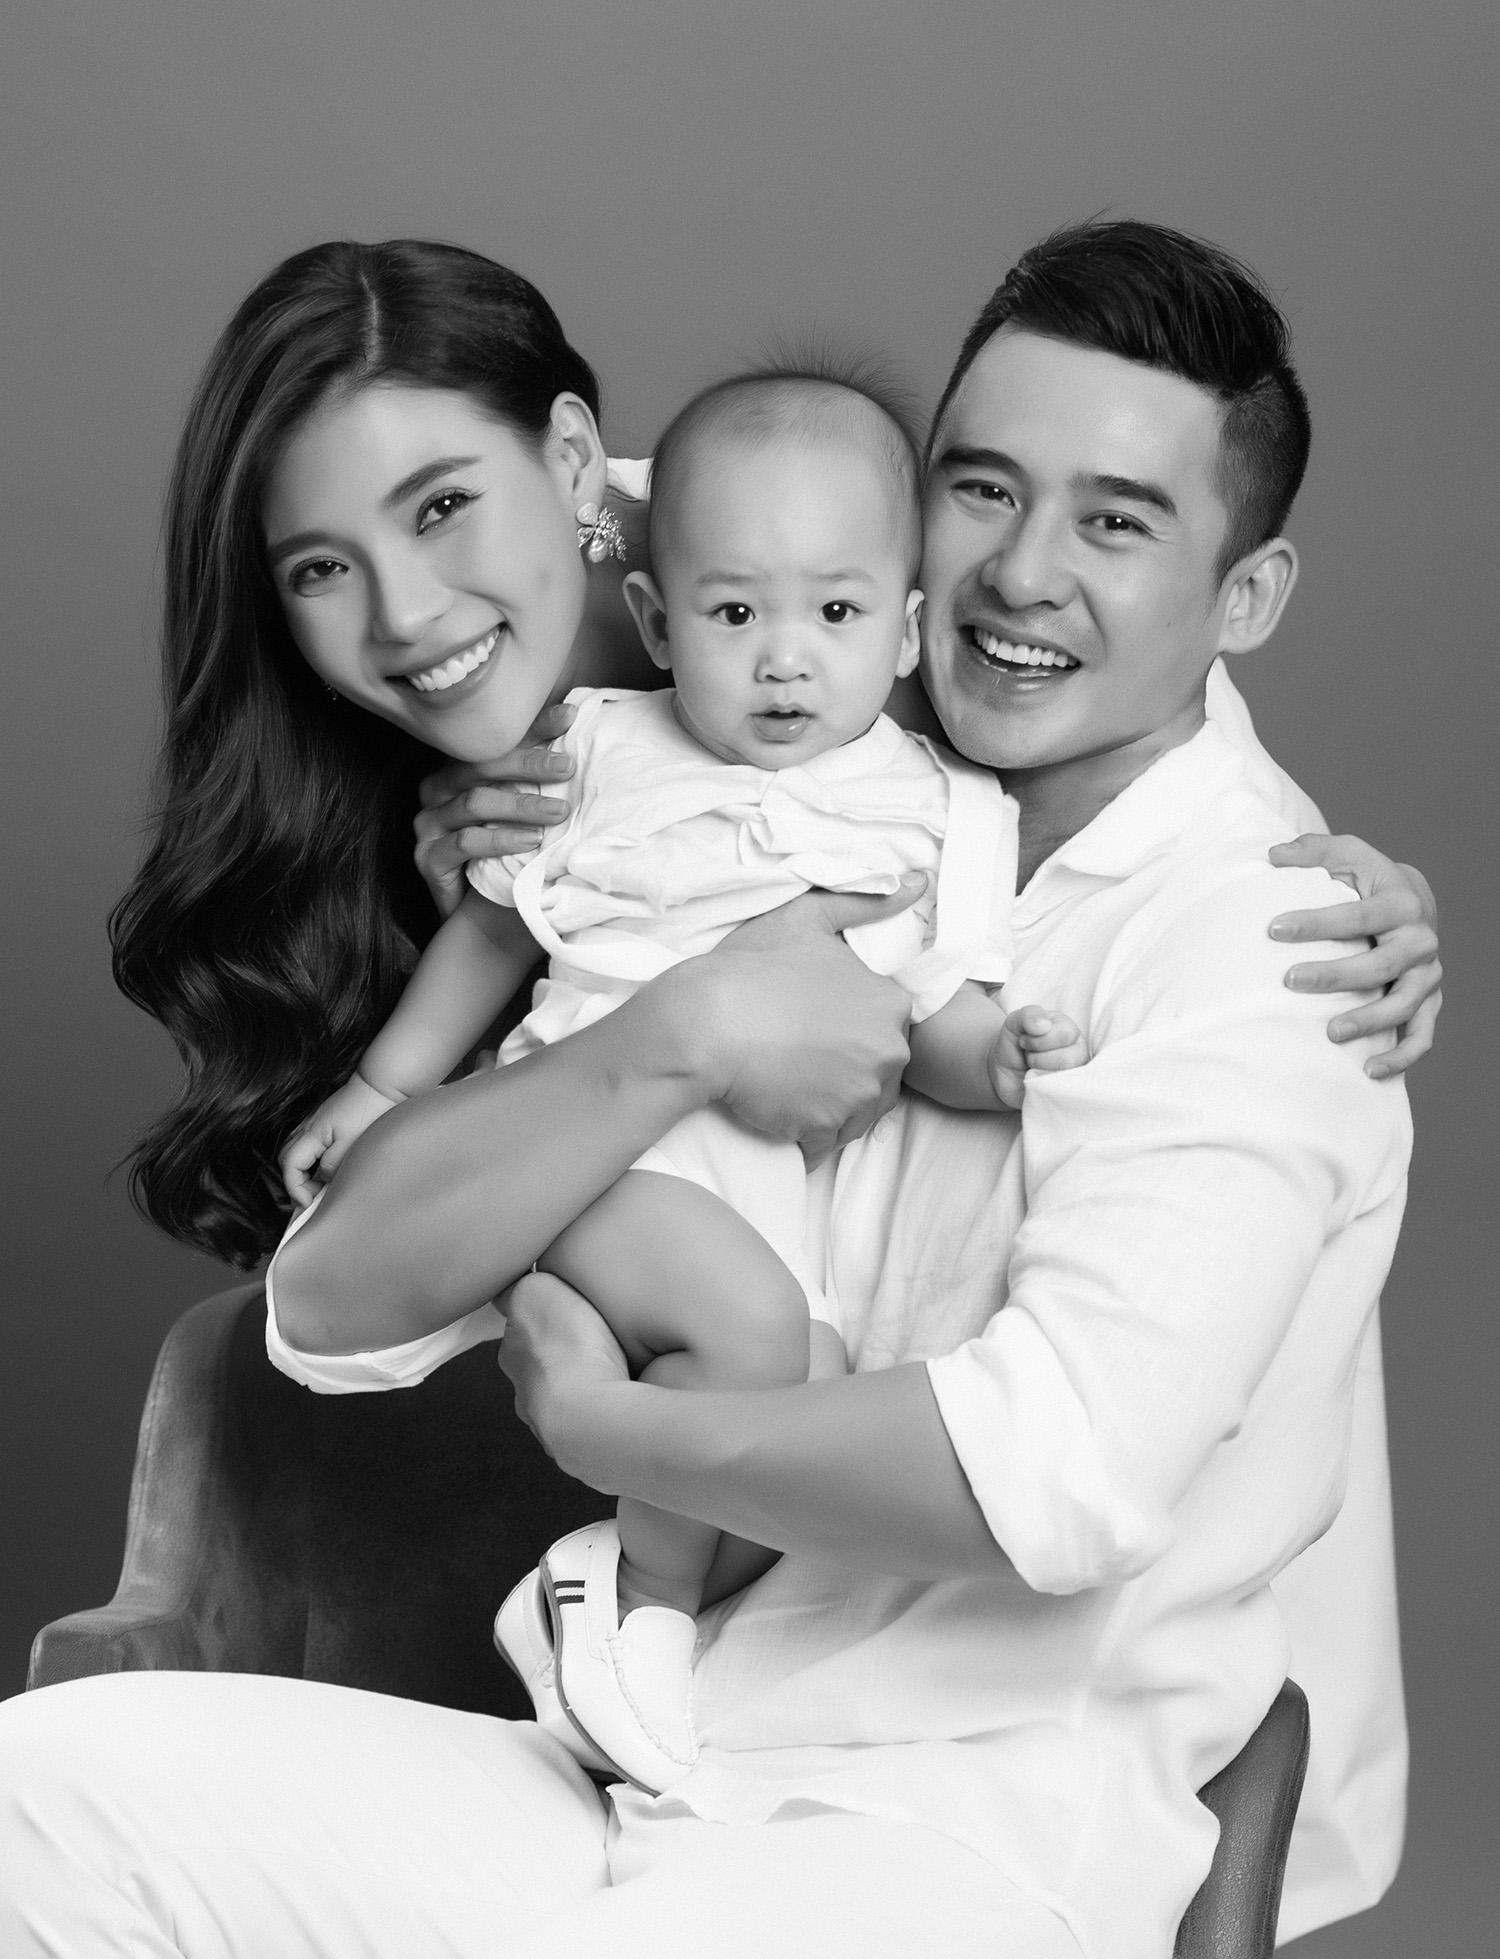 Sau 3 năm cưới nhau, gia đình Thúy Diễm – Lương Thế Thành ngọt ngào hơn thuở ban đầu trong bộ ảnh kỷ niệm